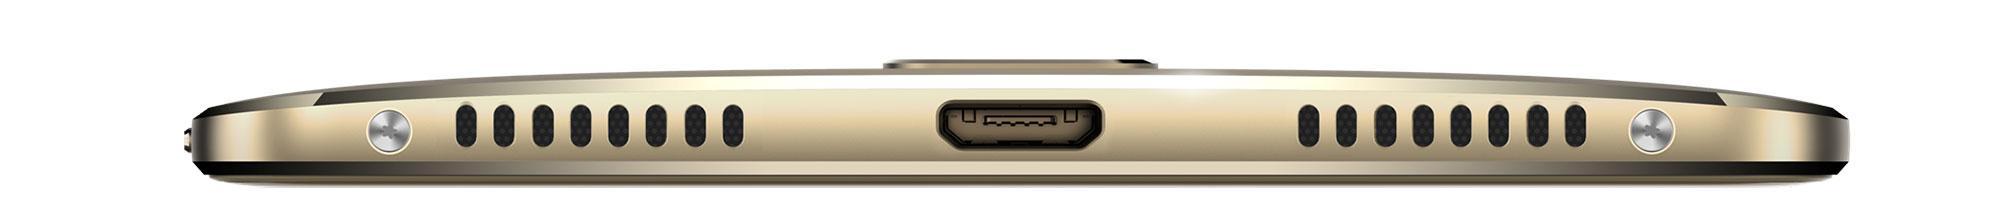 Huawei Mate S vista de los altavoces y conector